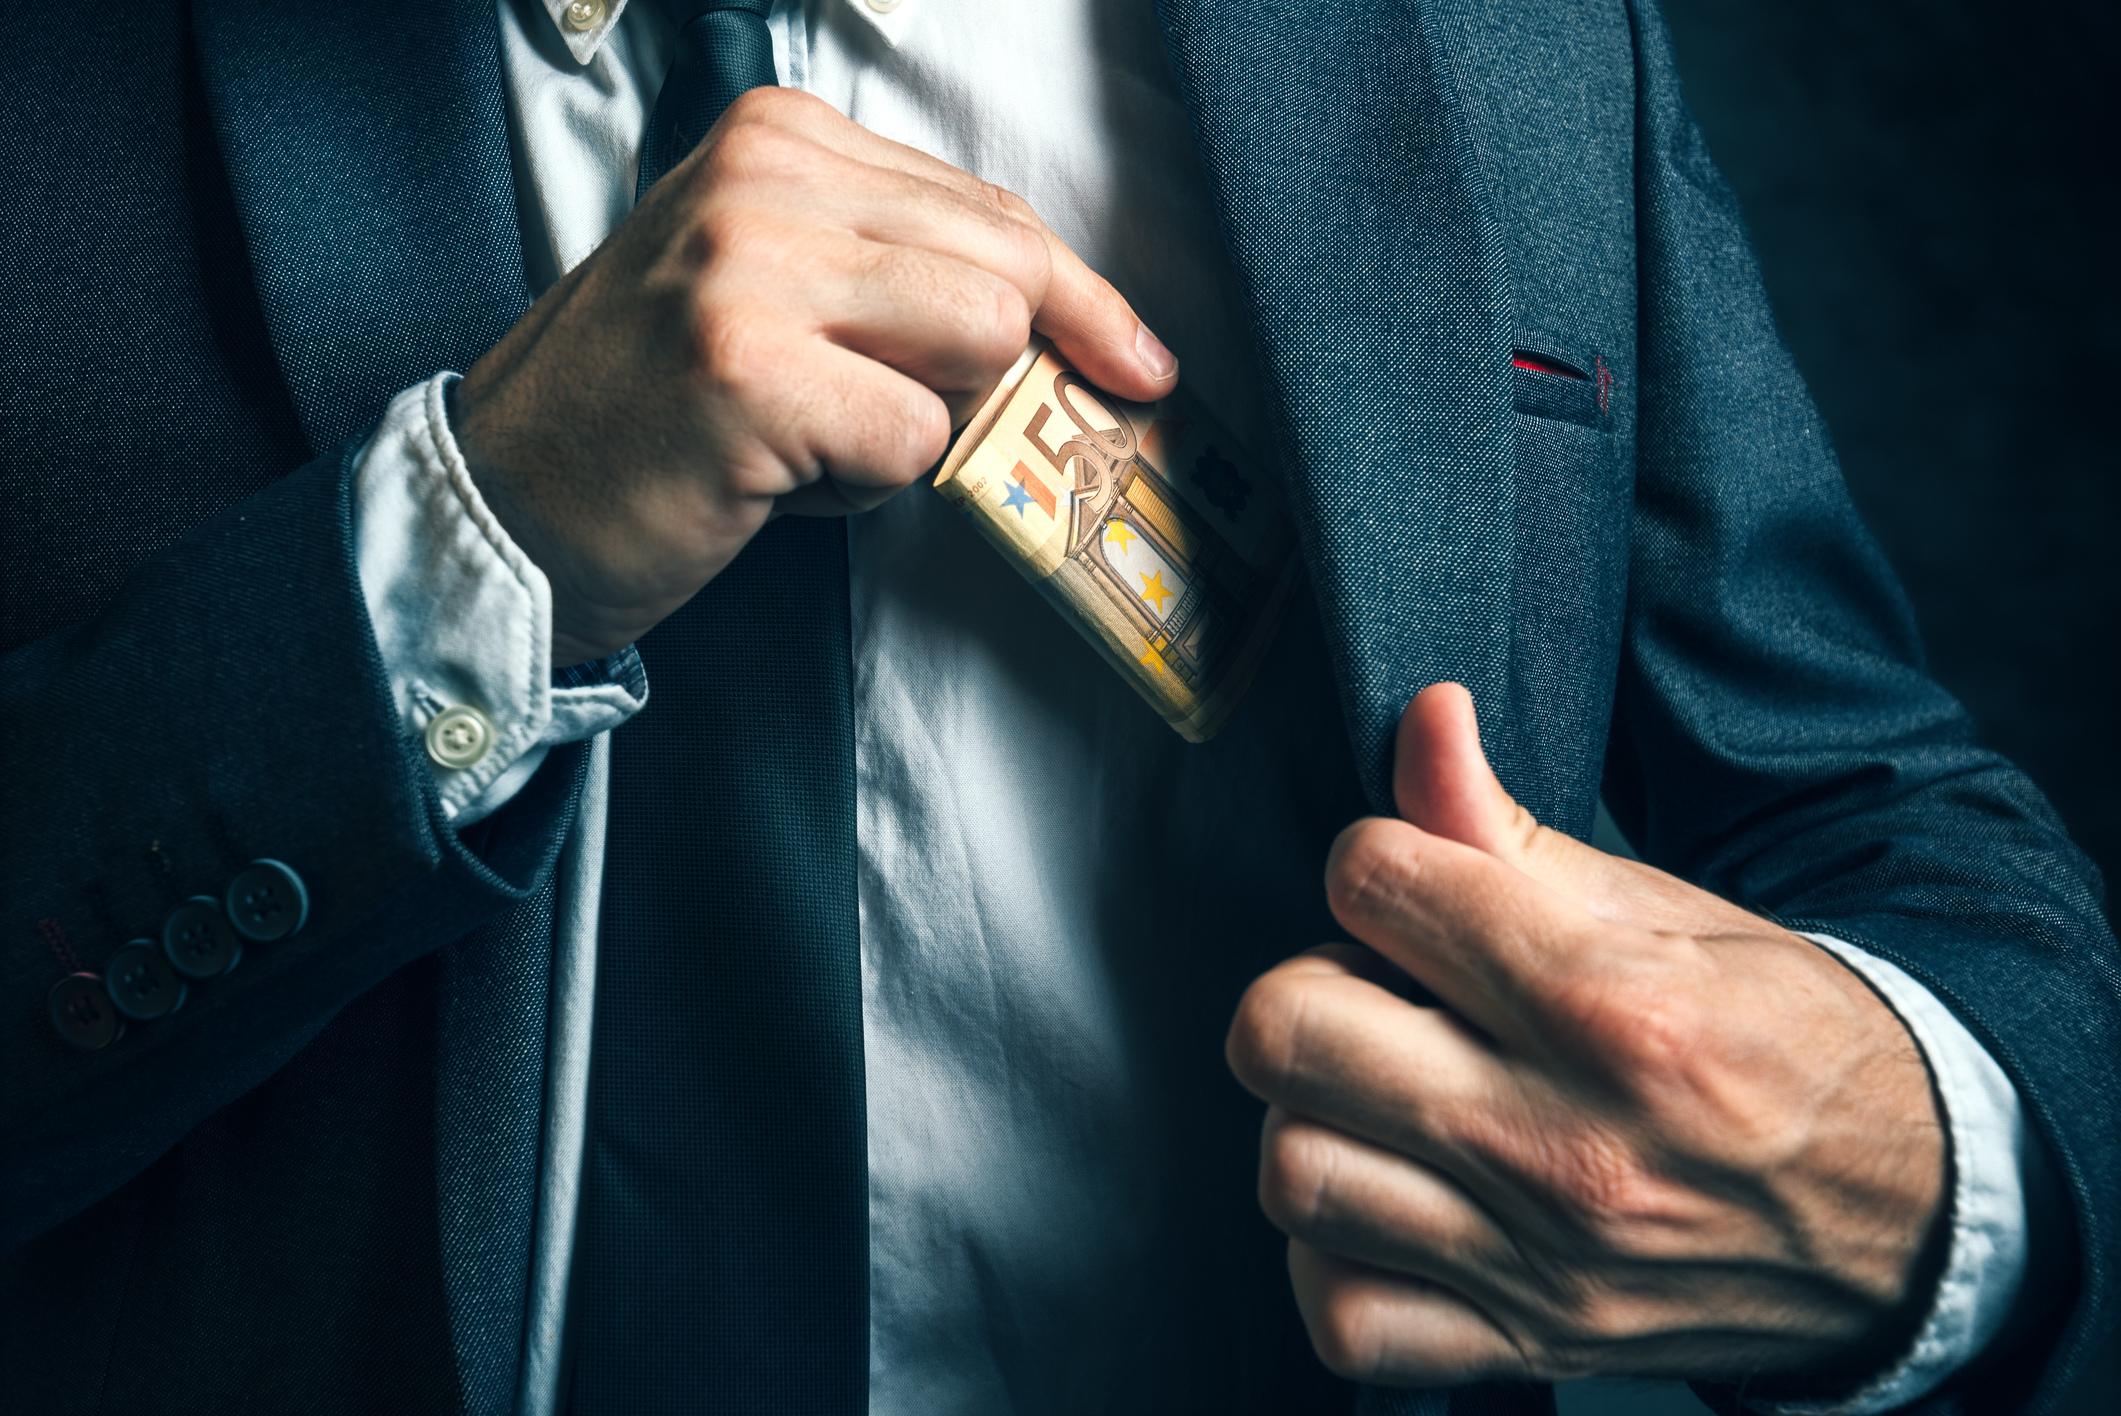 biznesmen, ludzie, pieniądze